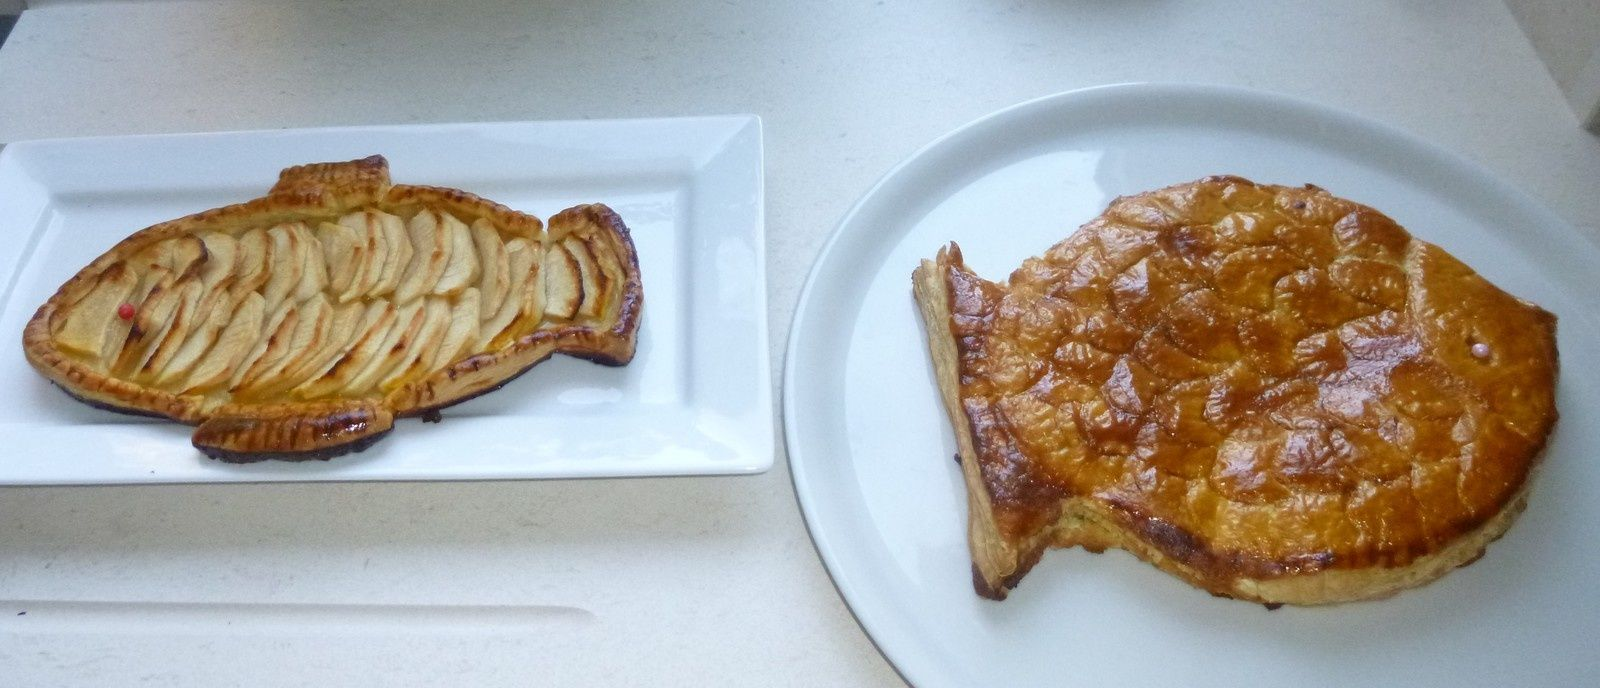 poissons d'avril!!! à la crème d'amandes ou aux pommes isabelledenimal.over-blog.com